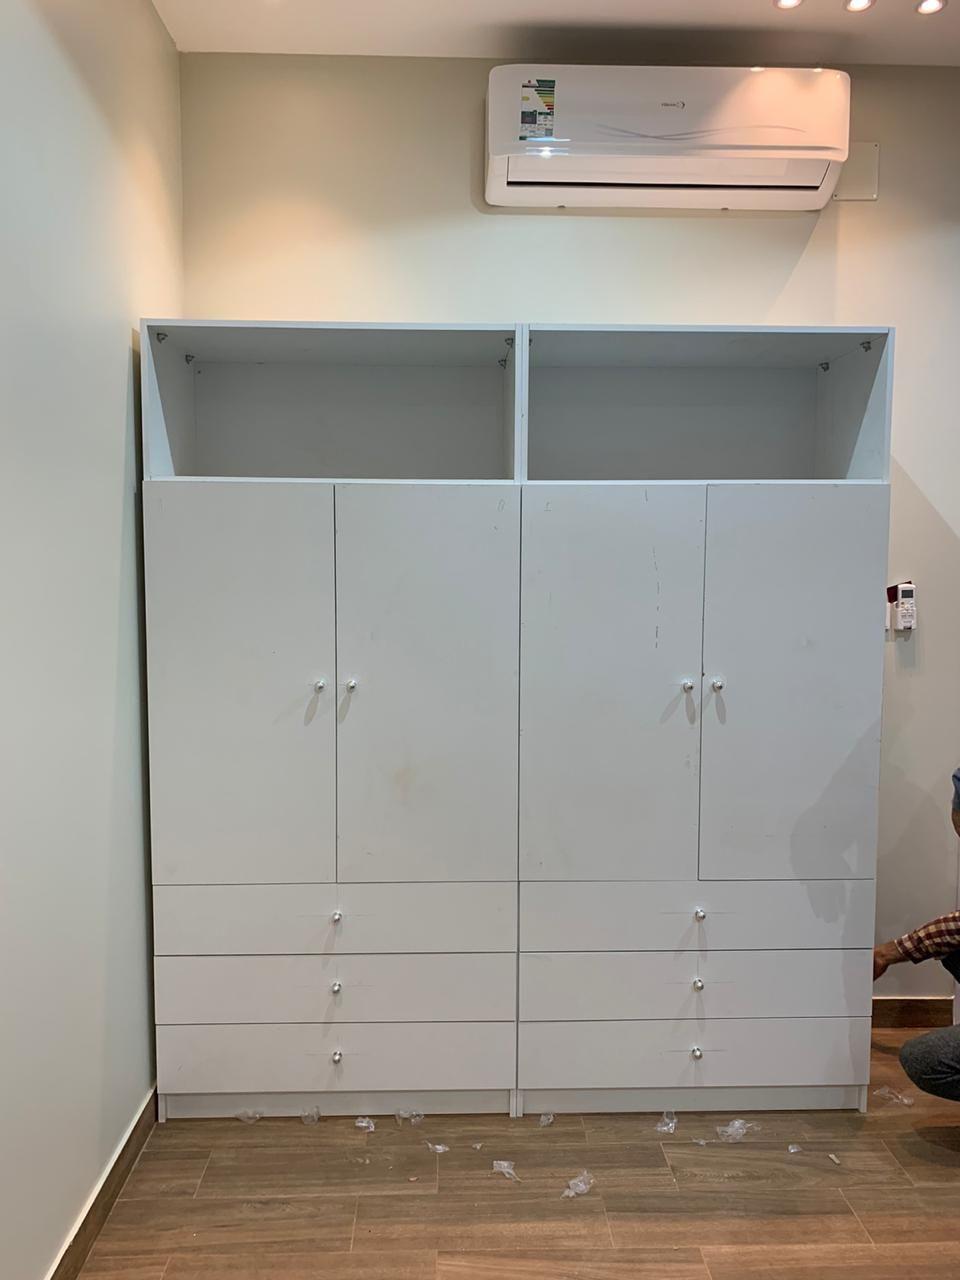 دولاب اطفال Locker Storage Storage Home Decor